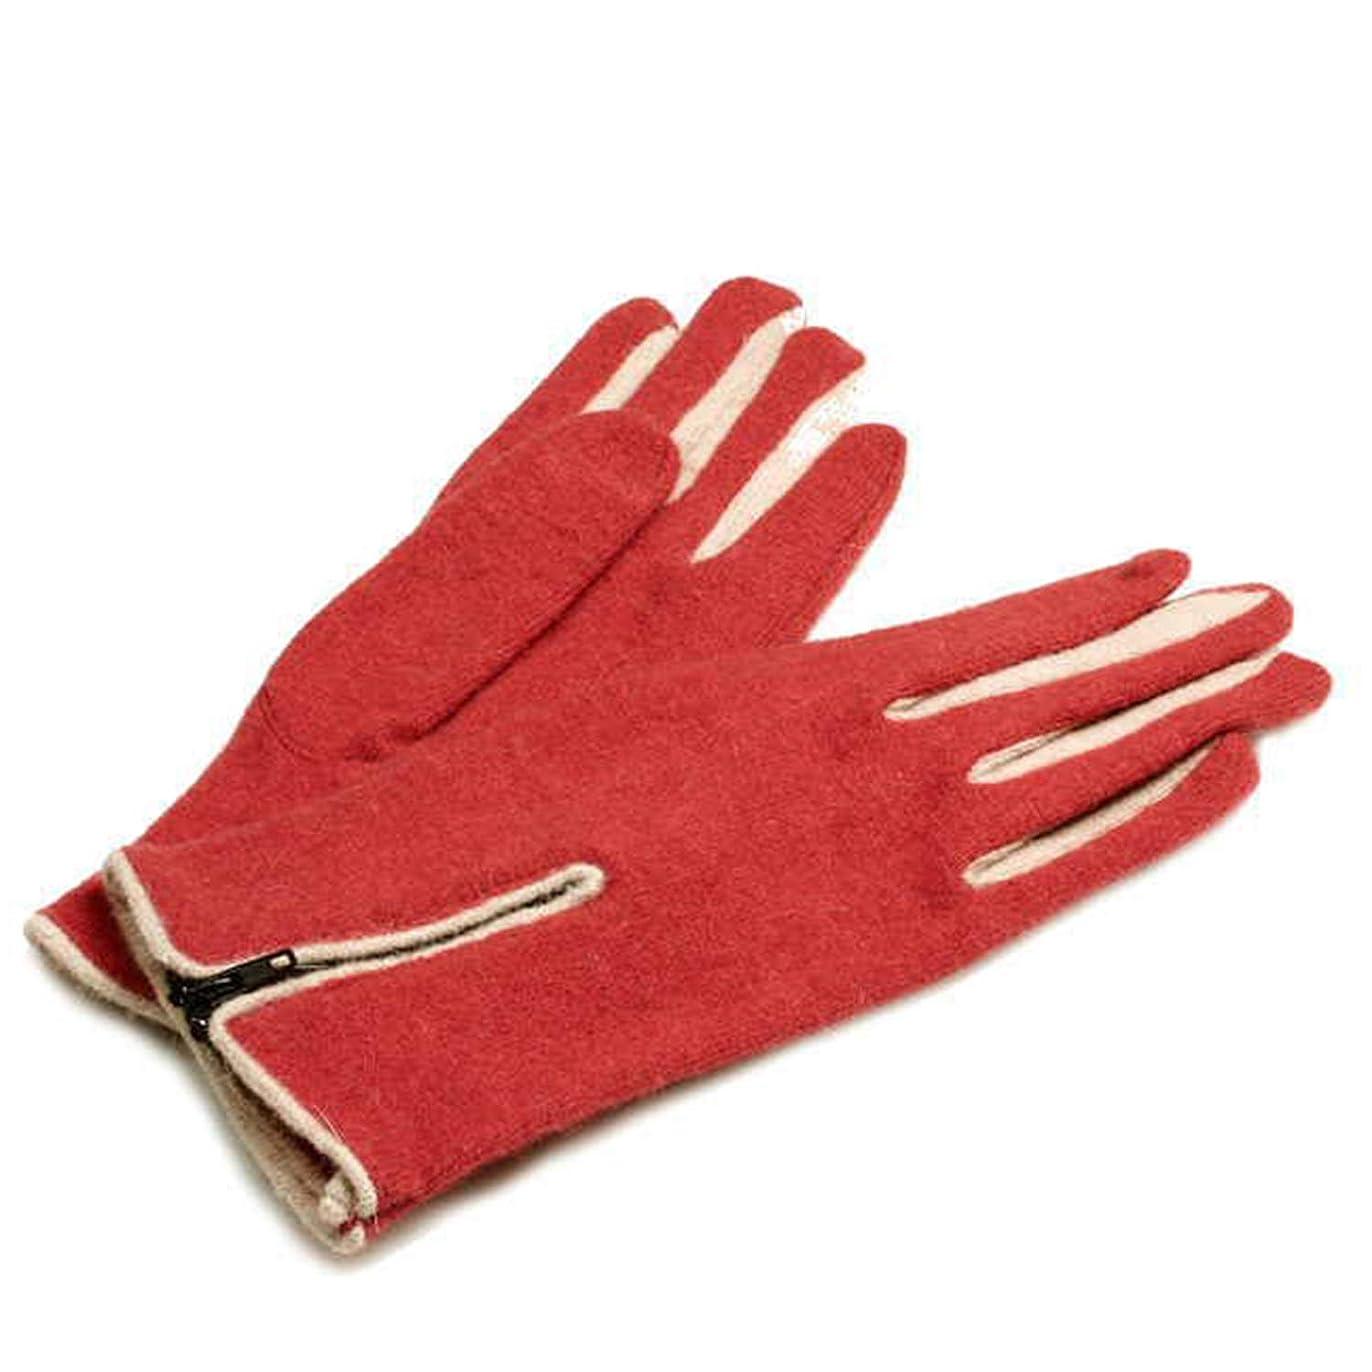 せっかちレイアウト小麦秋と冬レディースフィンガー手袋ショートセクション厚手のウール手袋乗馬ウォーム手袋を運転する